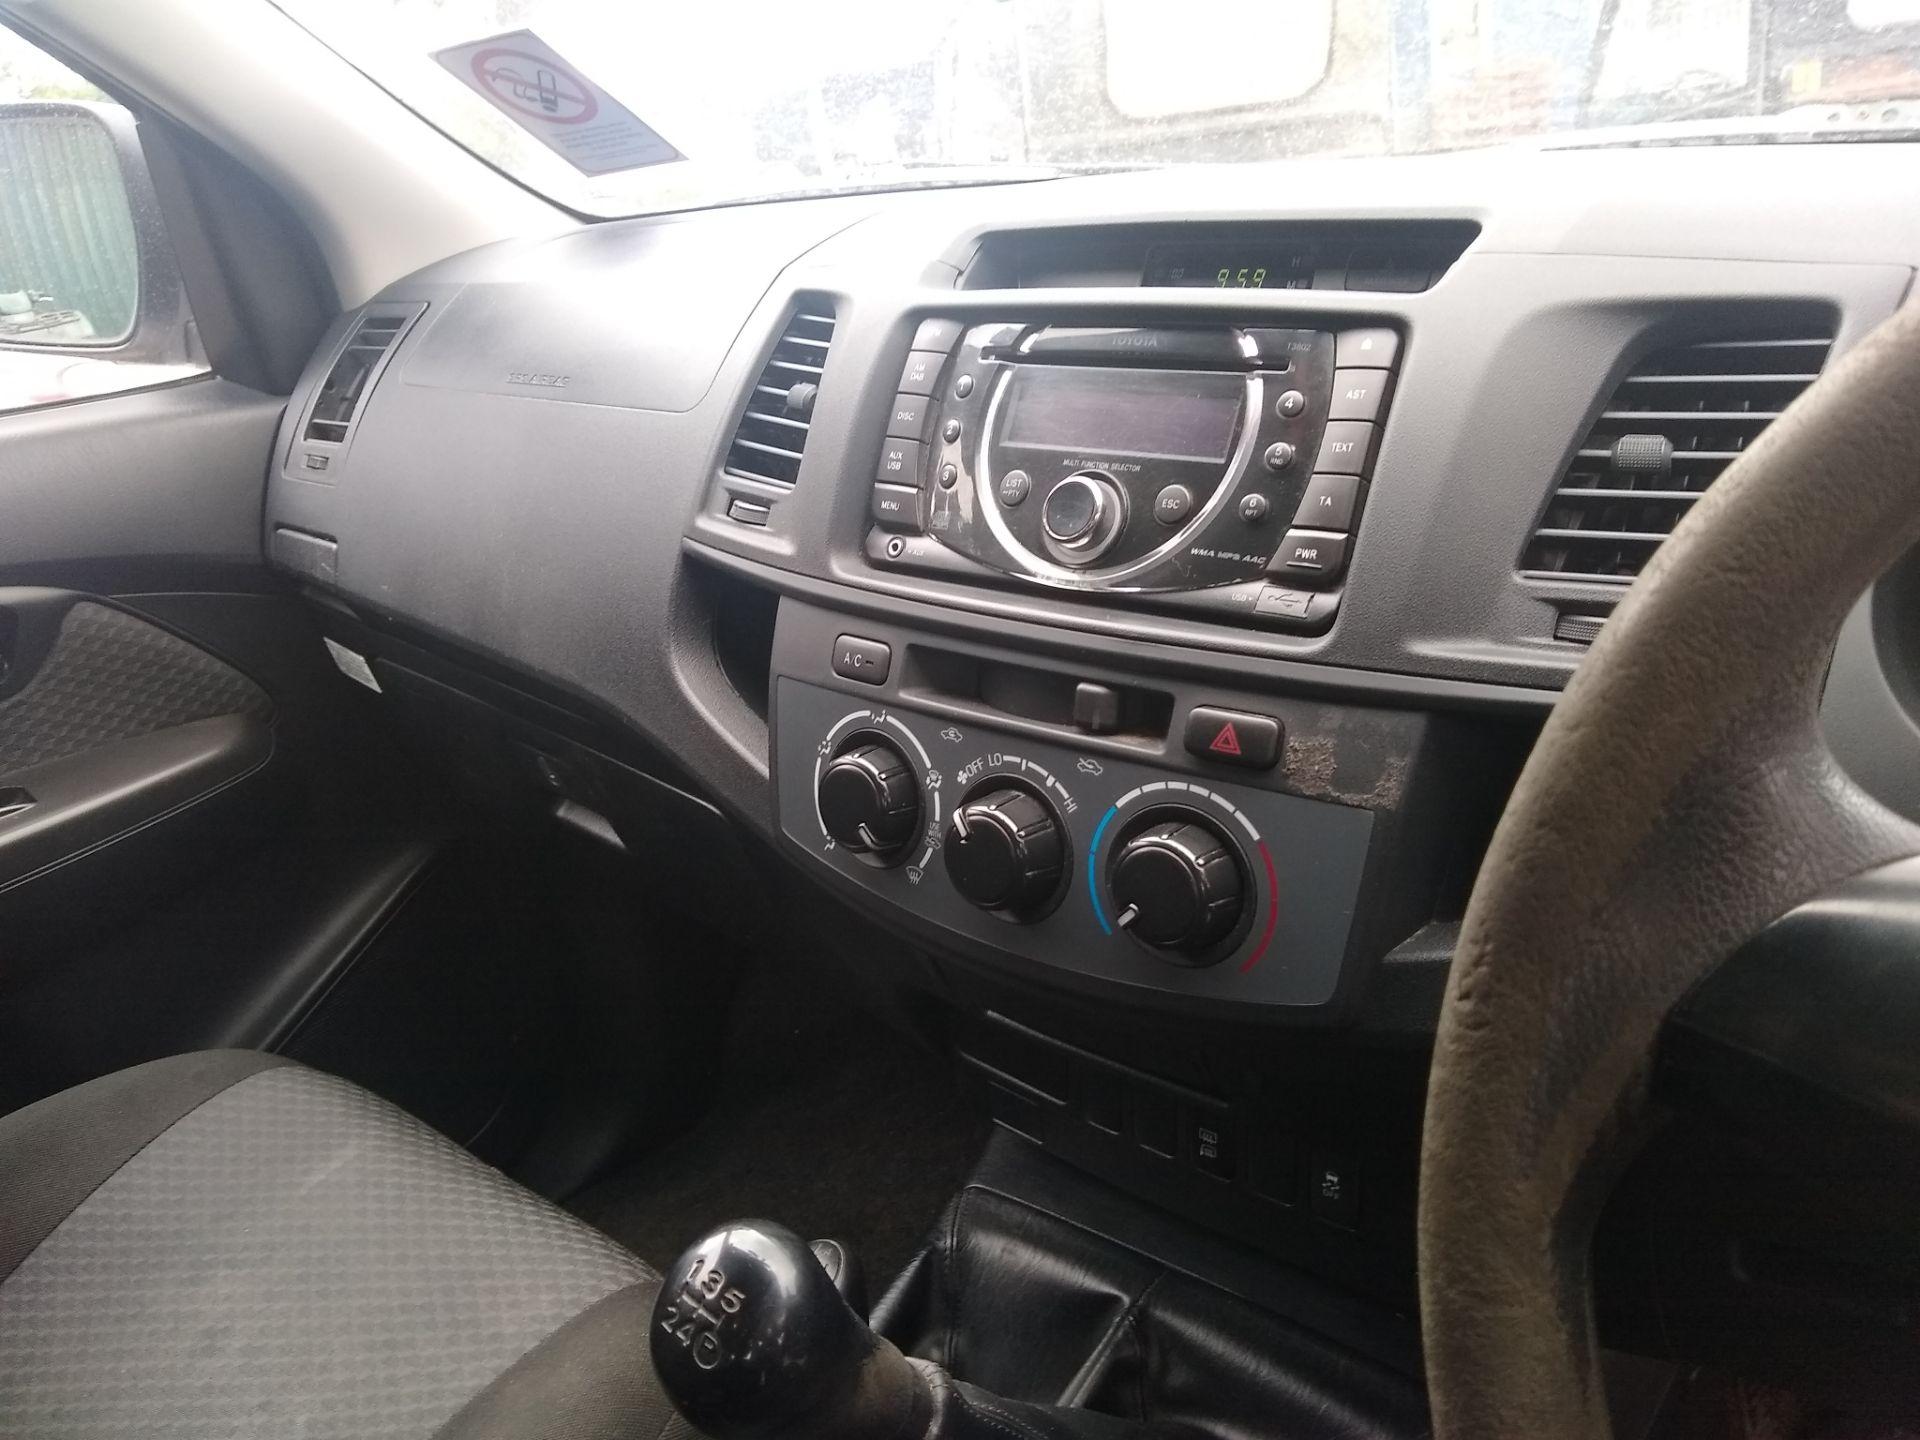 Lot 1884 - 2015 Toyota Hi-Lux Active D-4D 4x4 Double Cab Pick-up